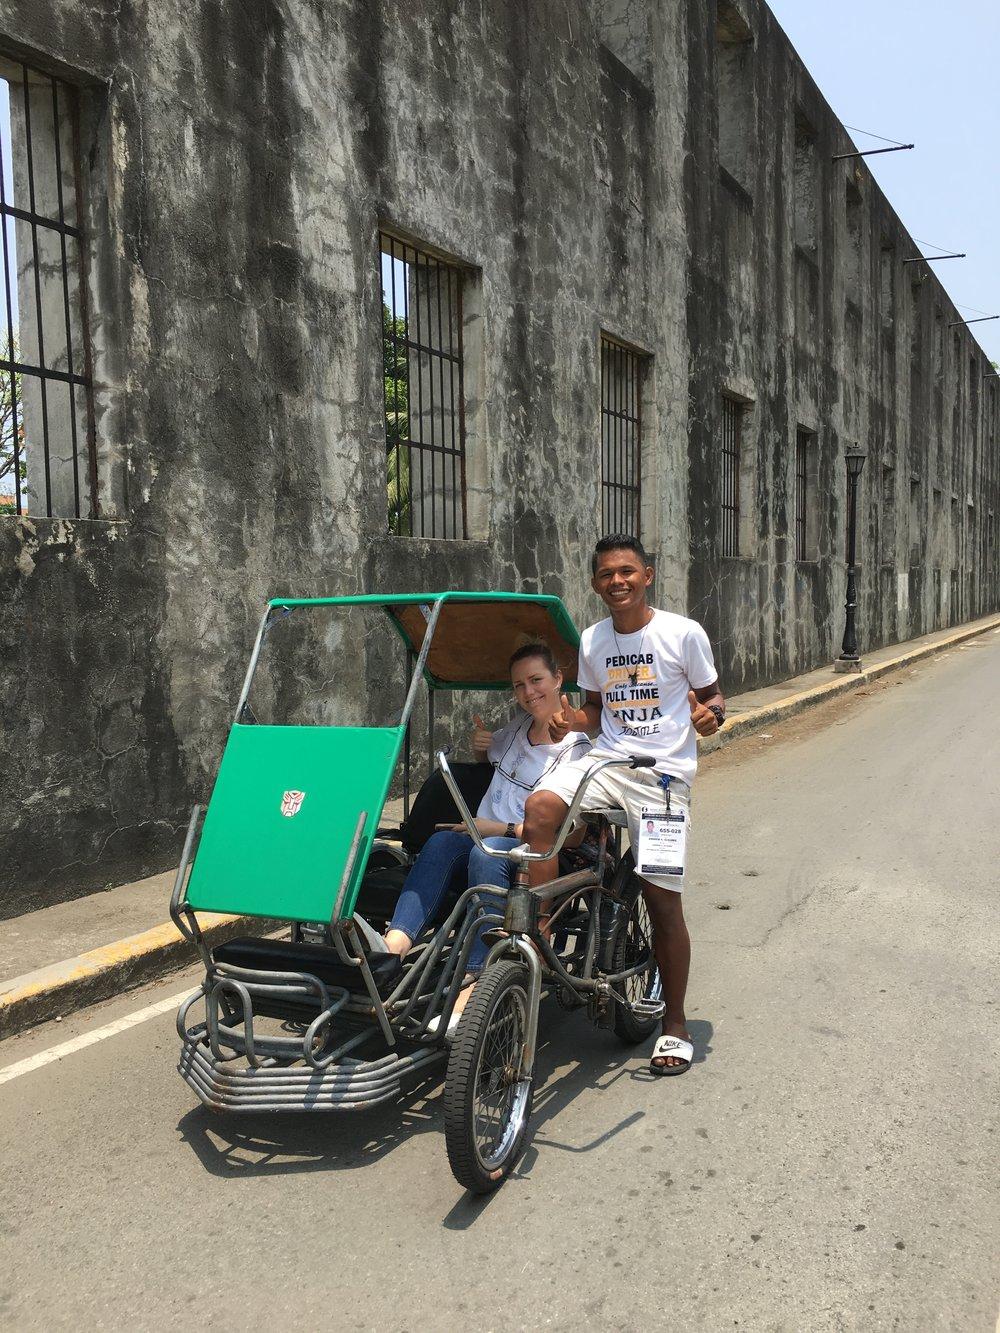 Pedi Cab